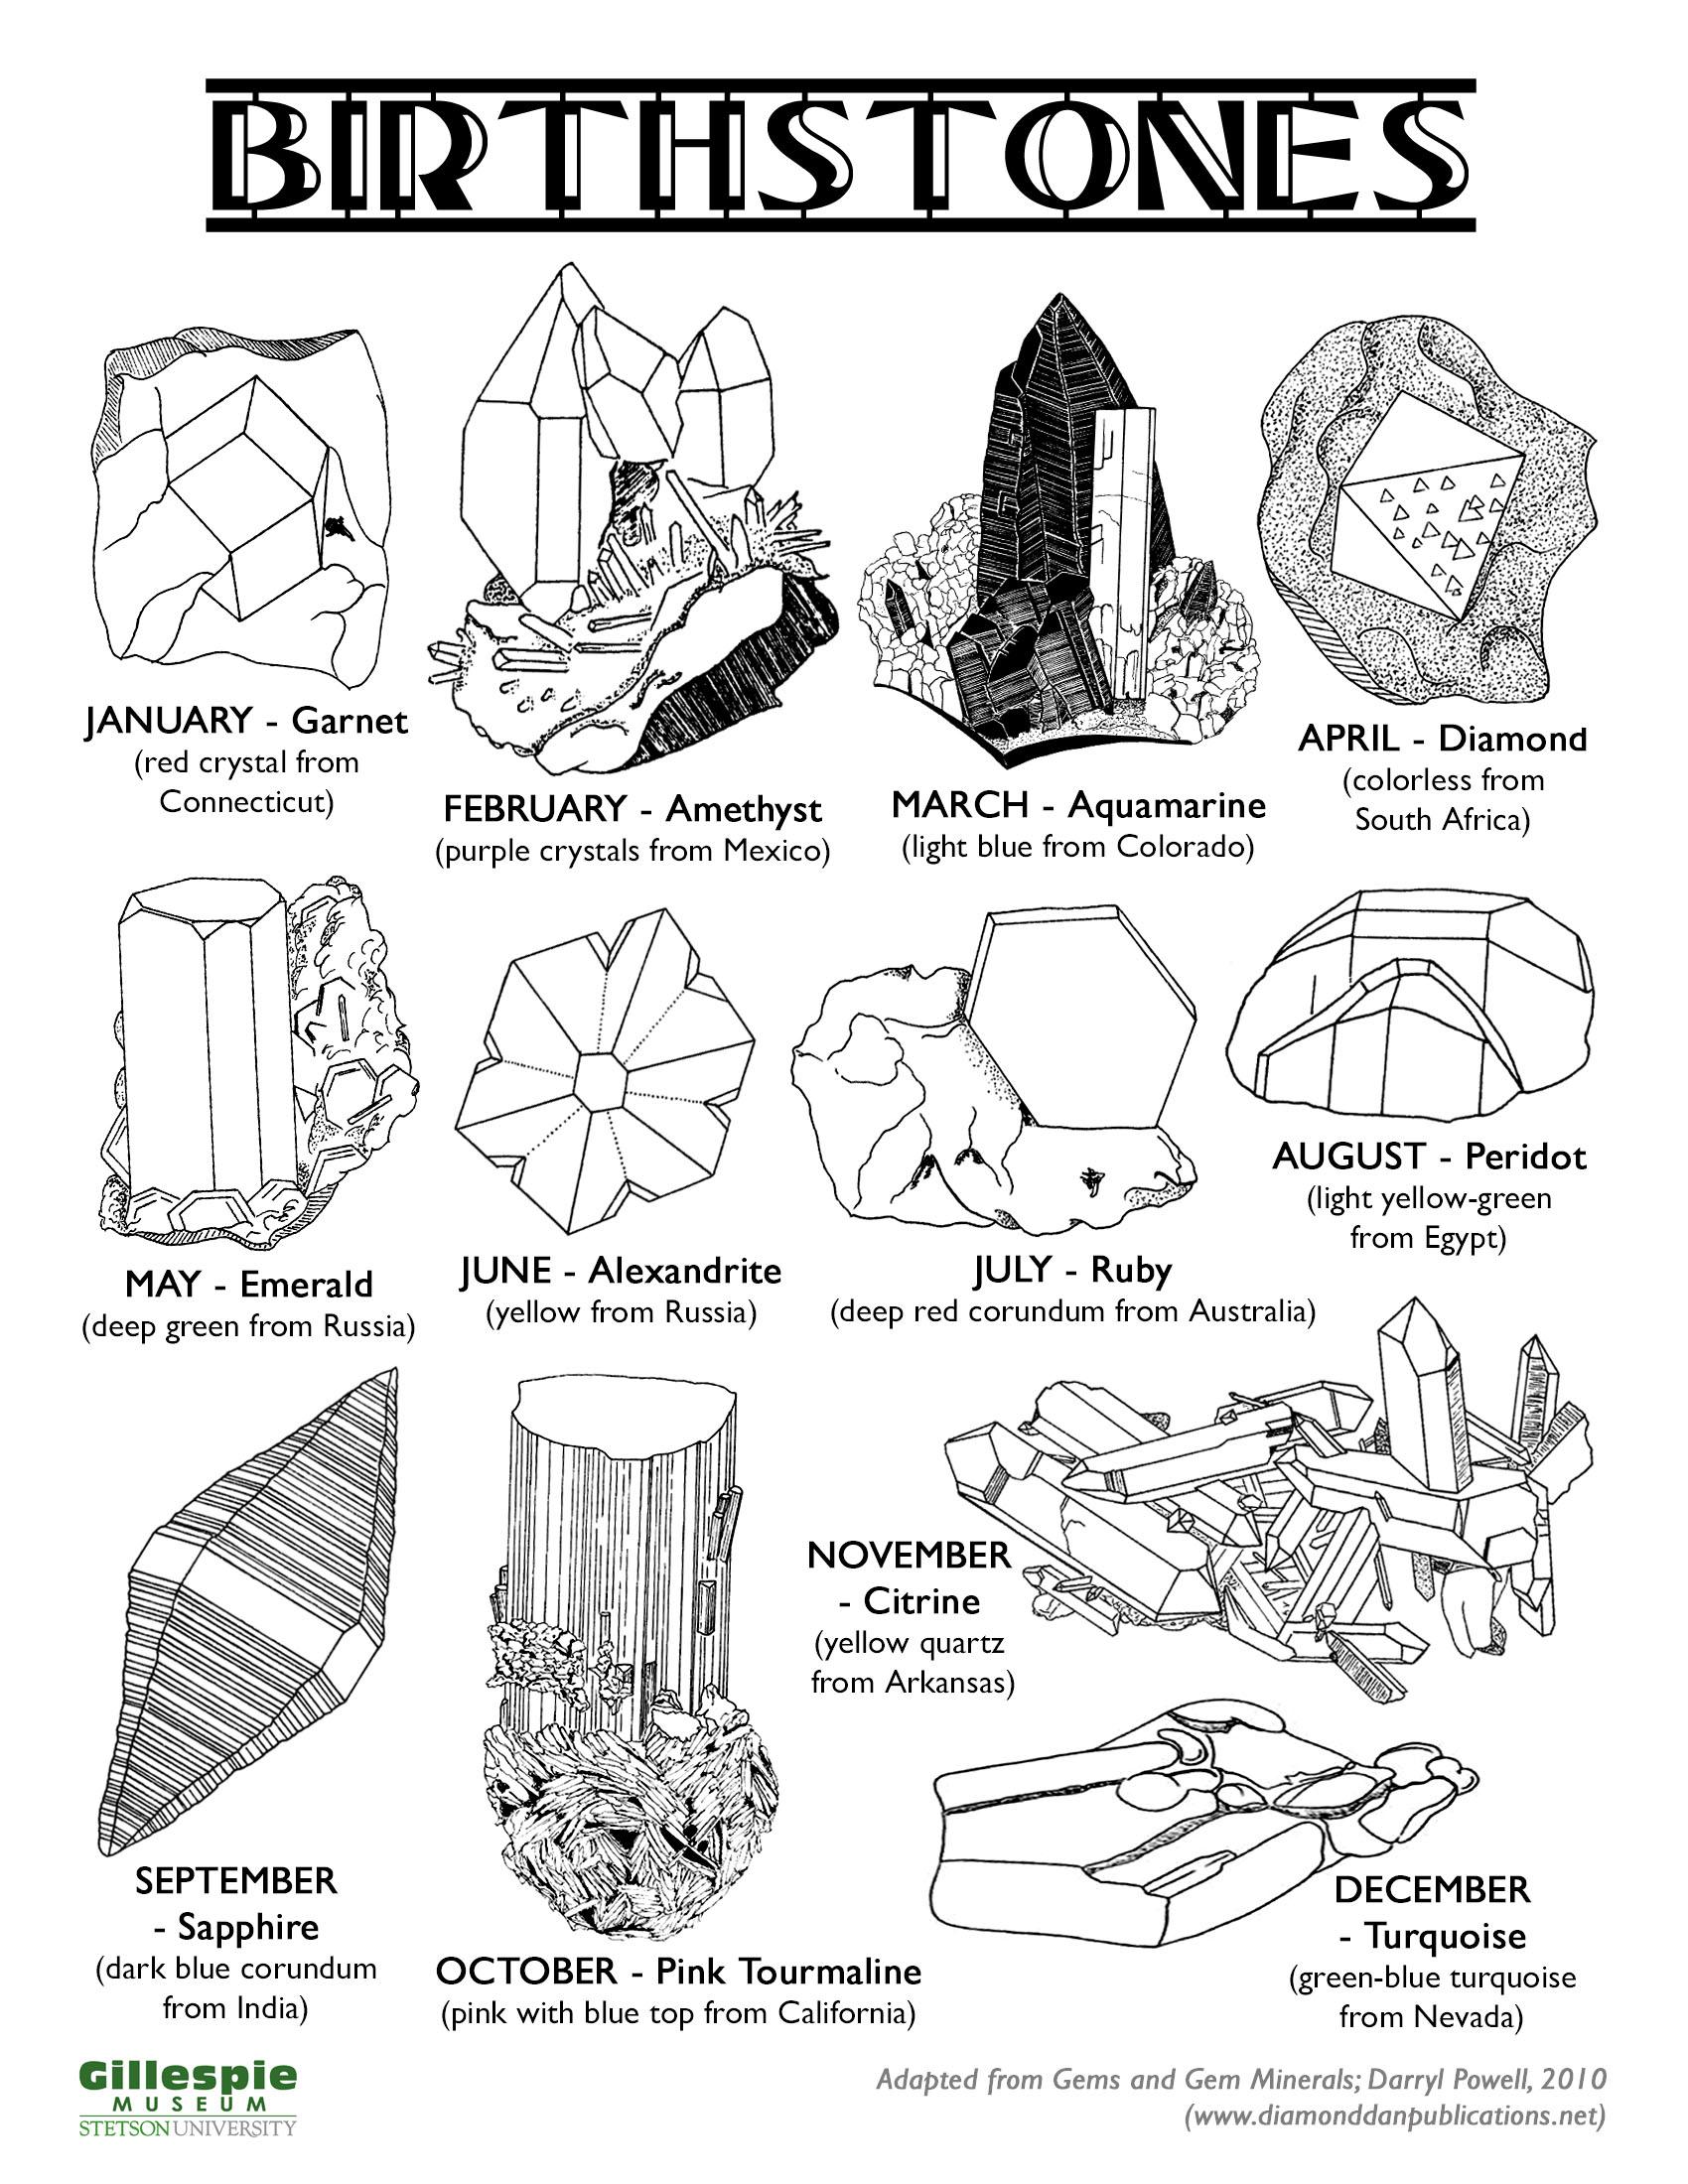 birthstones gem-minerals